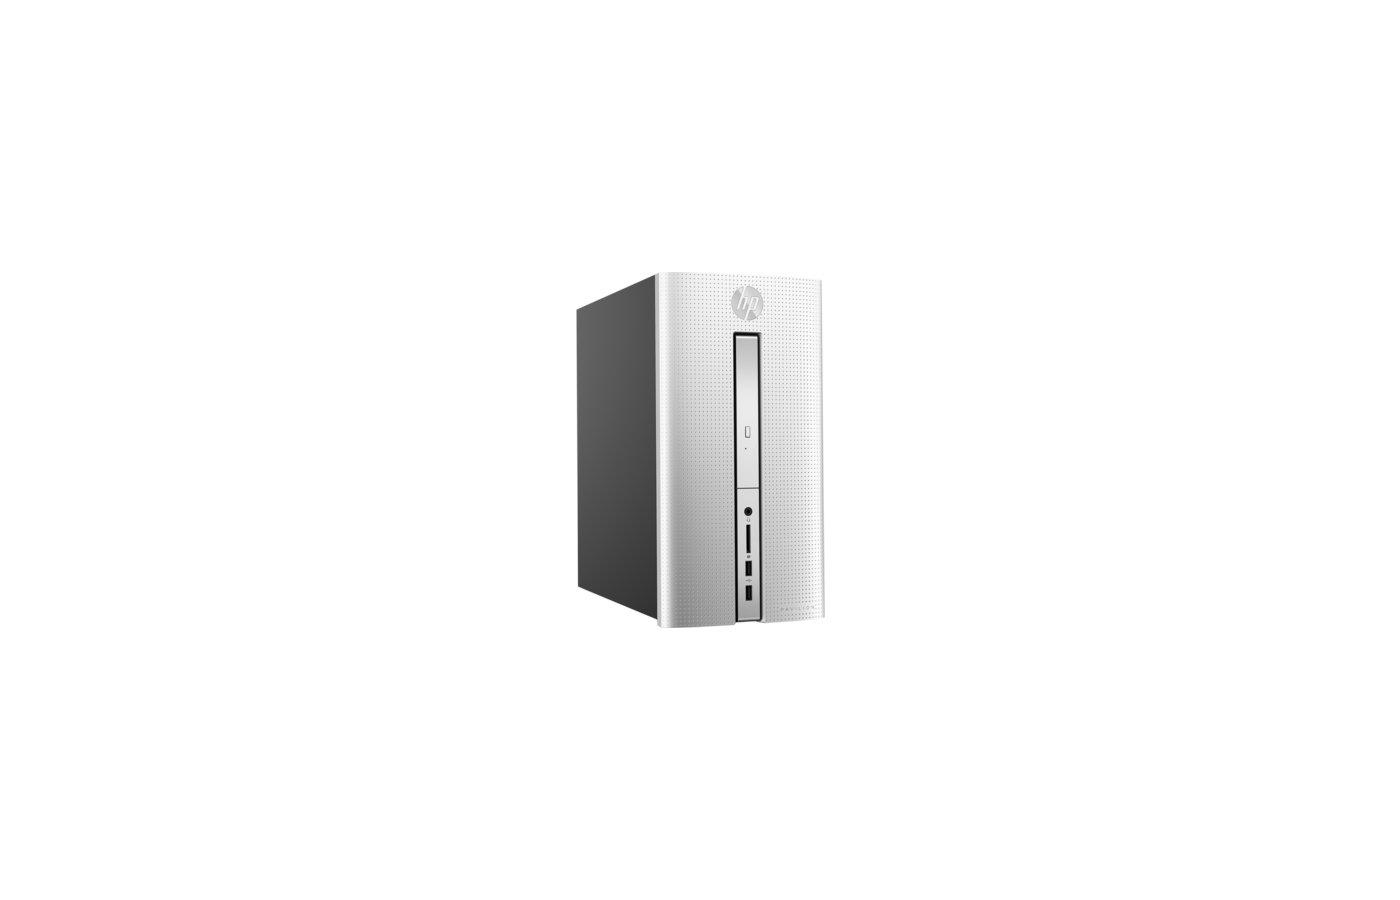 Системный блок HP Pavilion 510 510-p110ur /Z0J90EA/